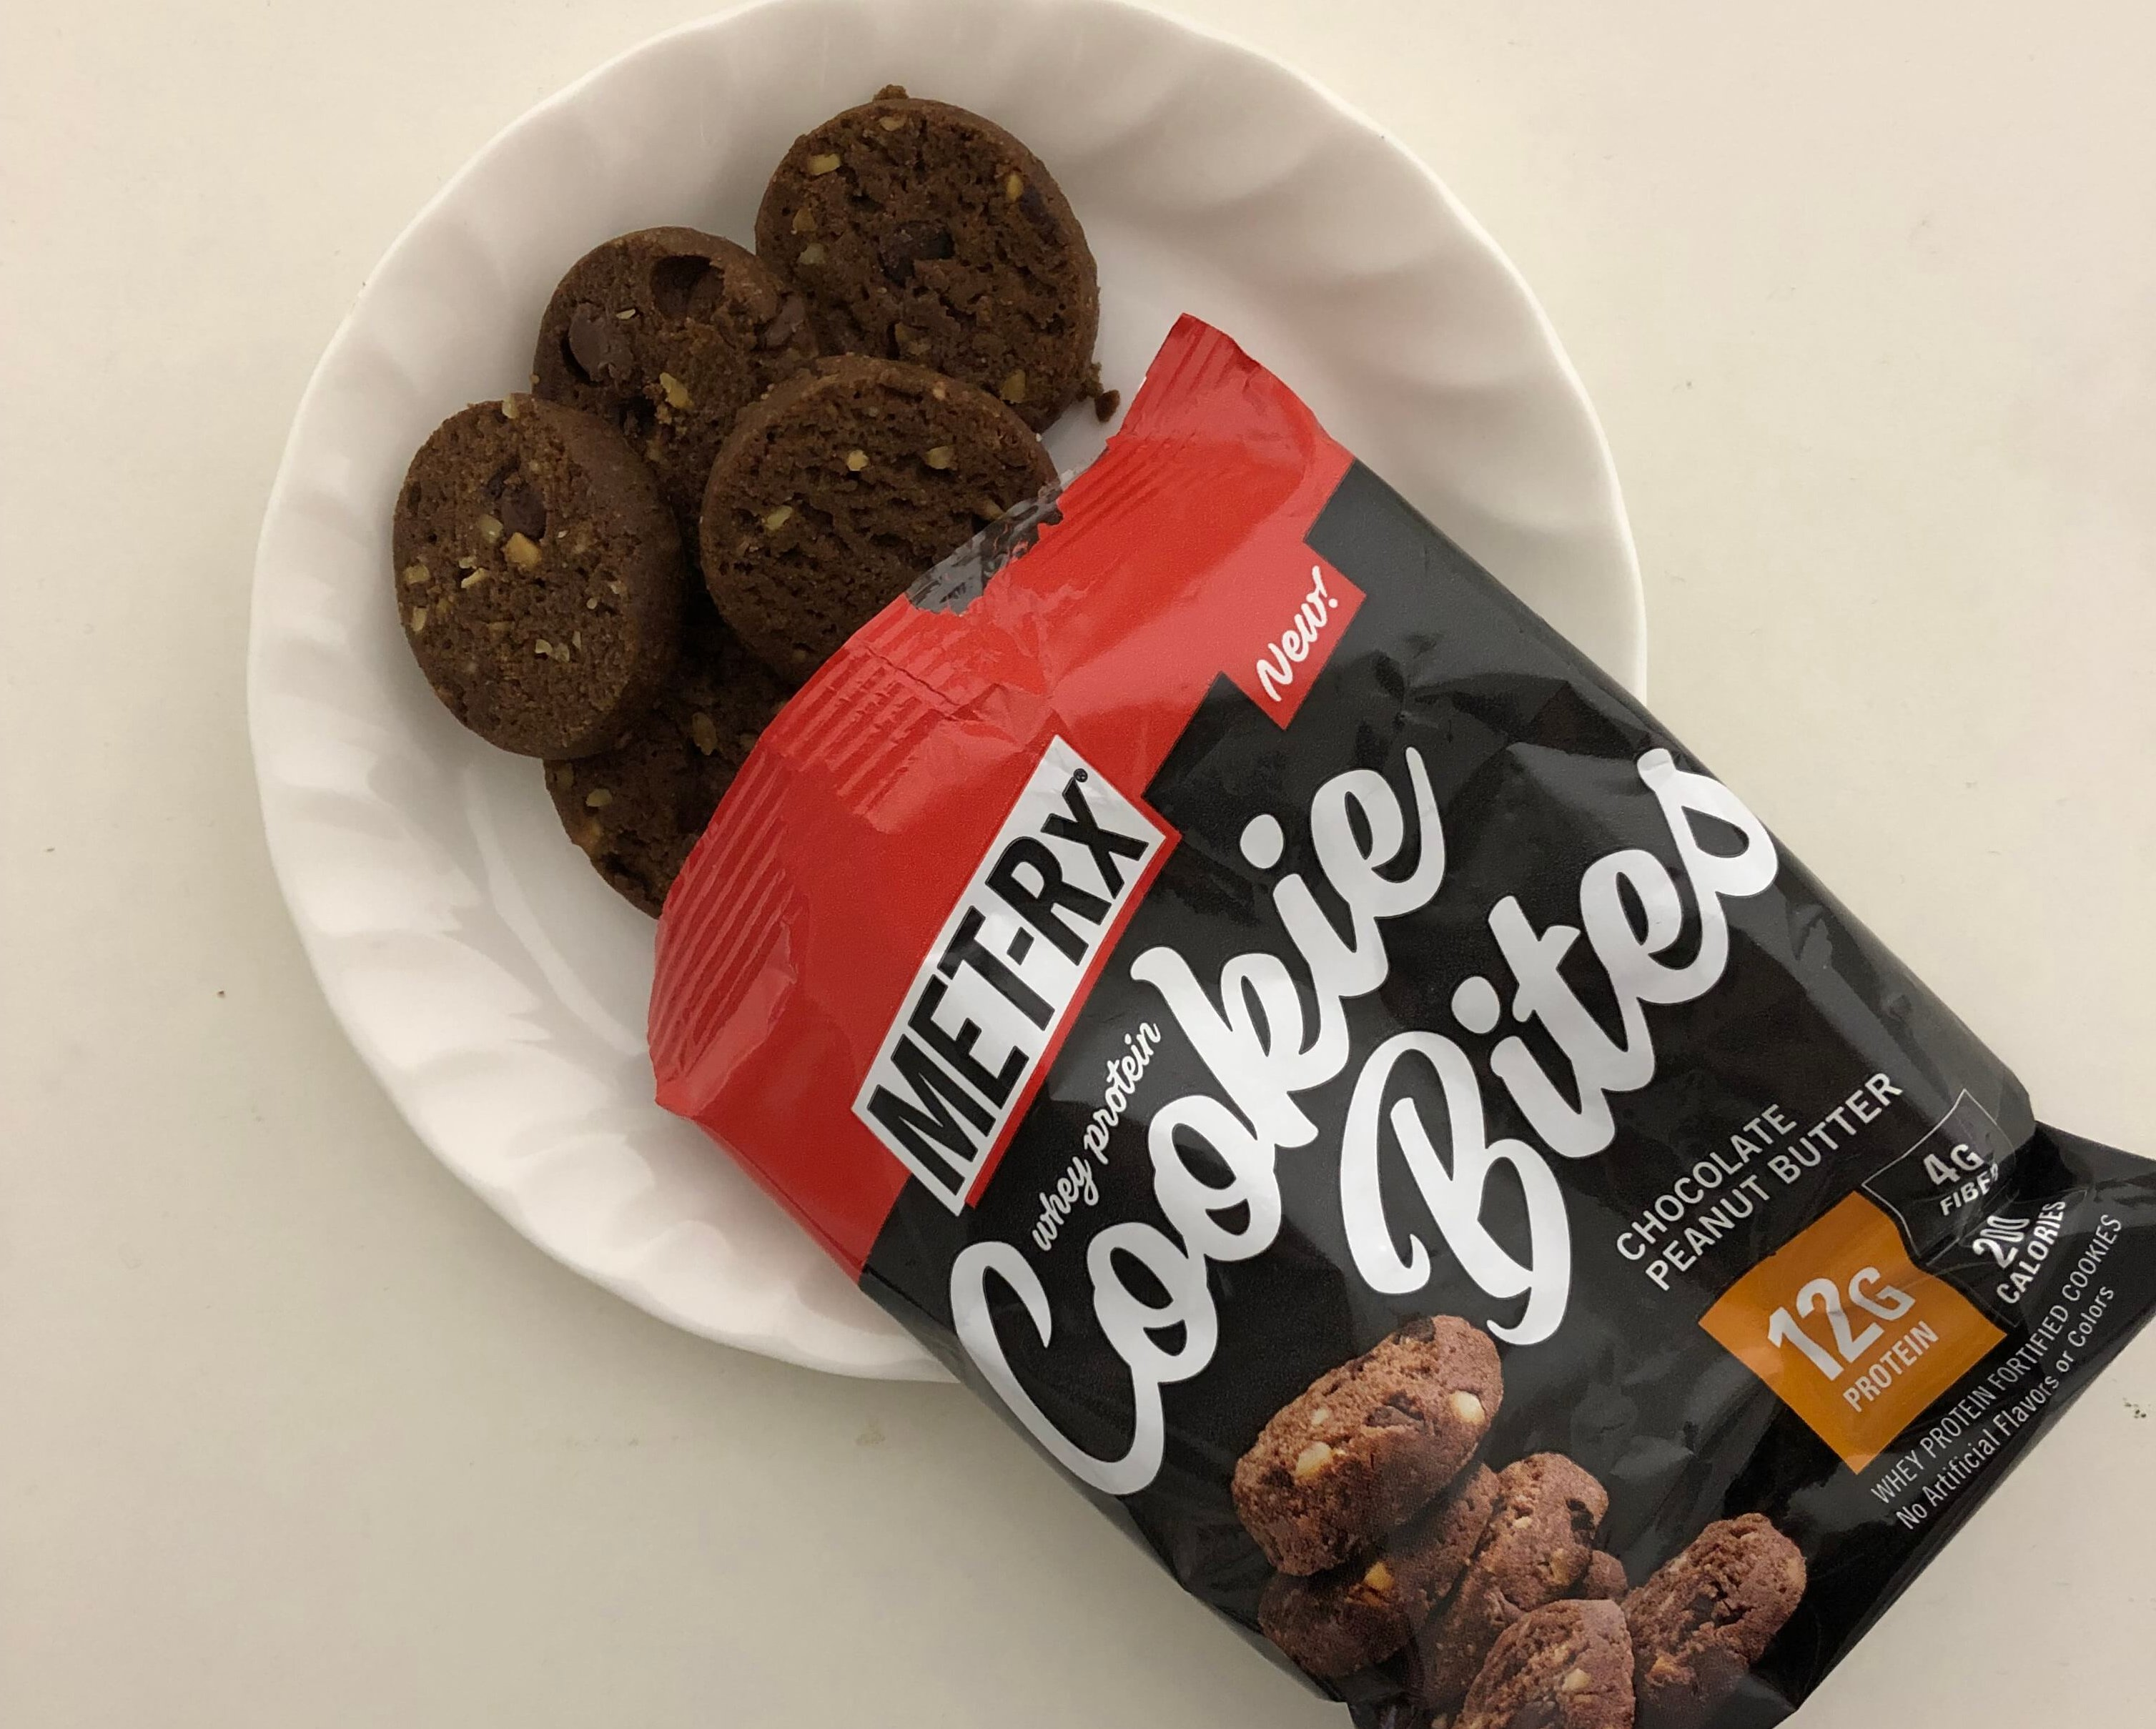 【iHerb】プロテインクッキーが美味しくておすすめ